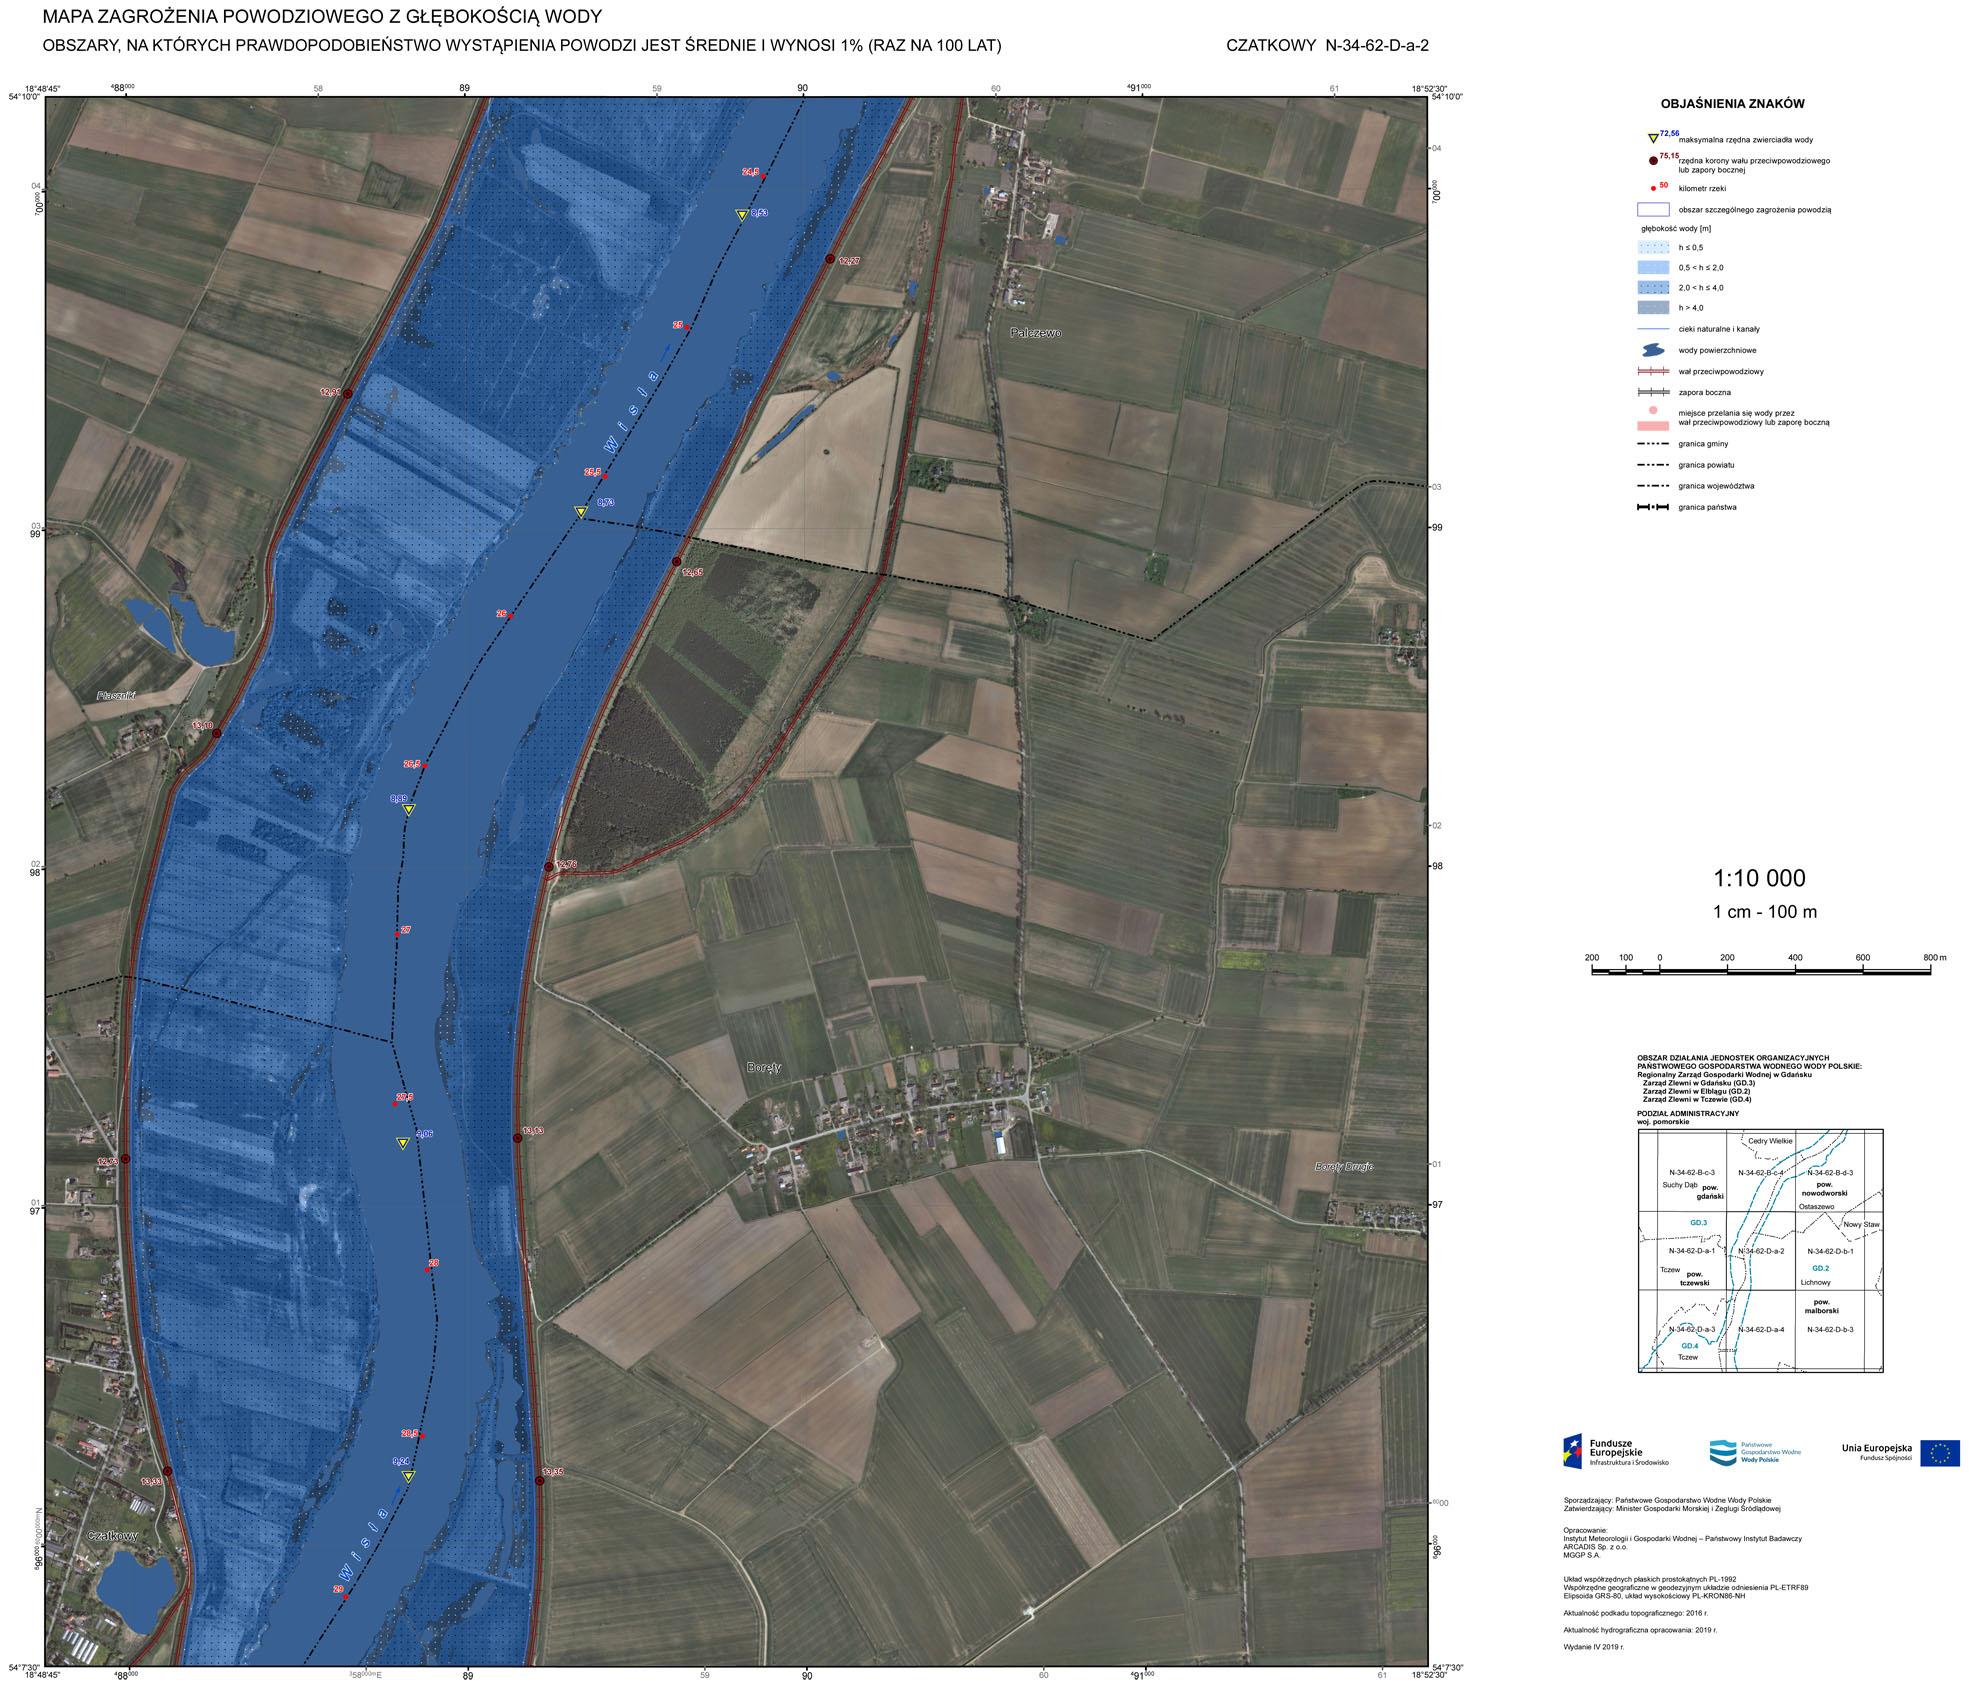 Mapa zagrożenia powodziowego. Czatkowy.